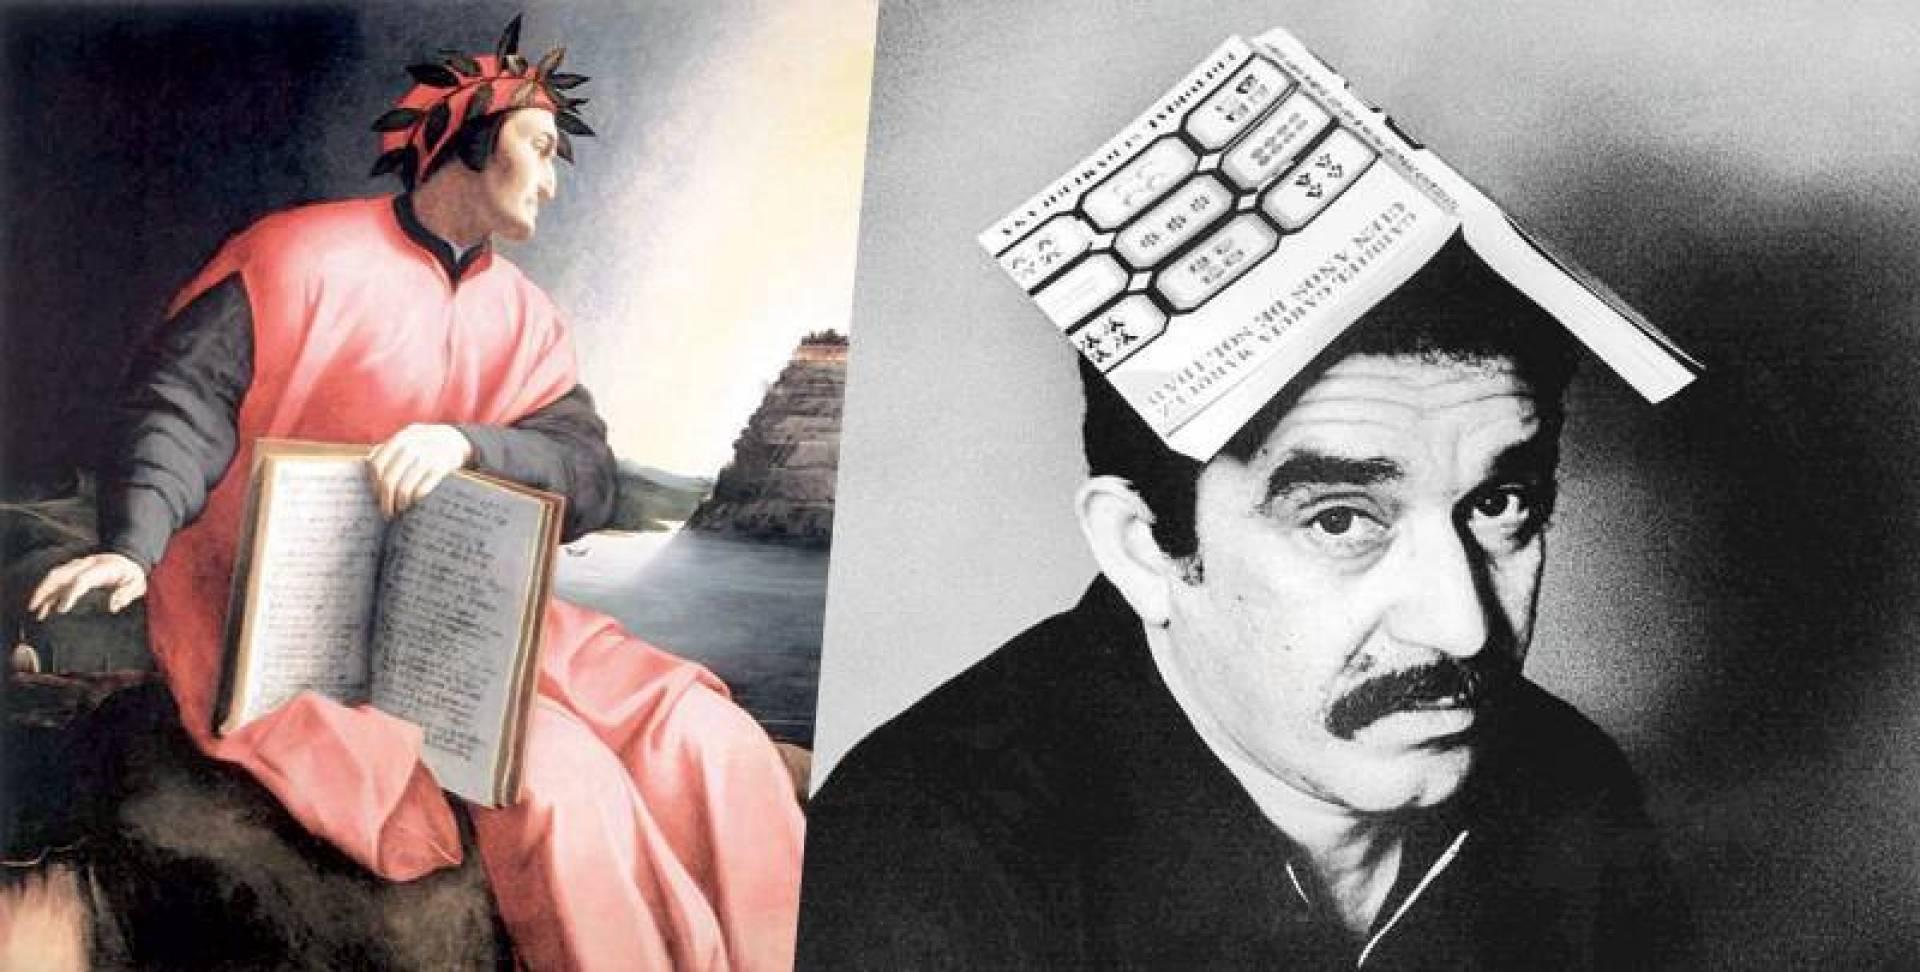 ماركيز وروايته الشهيرة - لوحة تجسد الشاعر دانتي ممسكا بكتابه